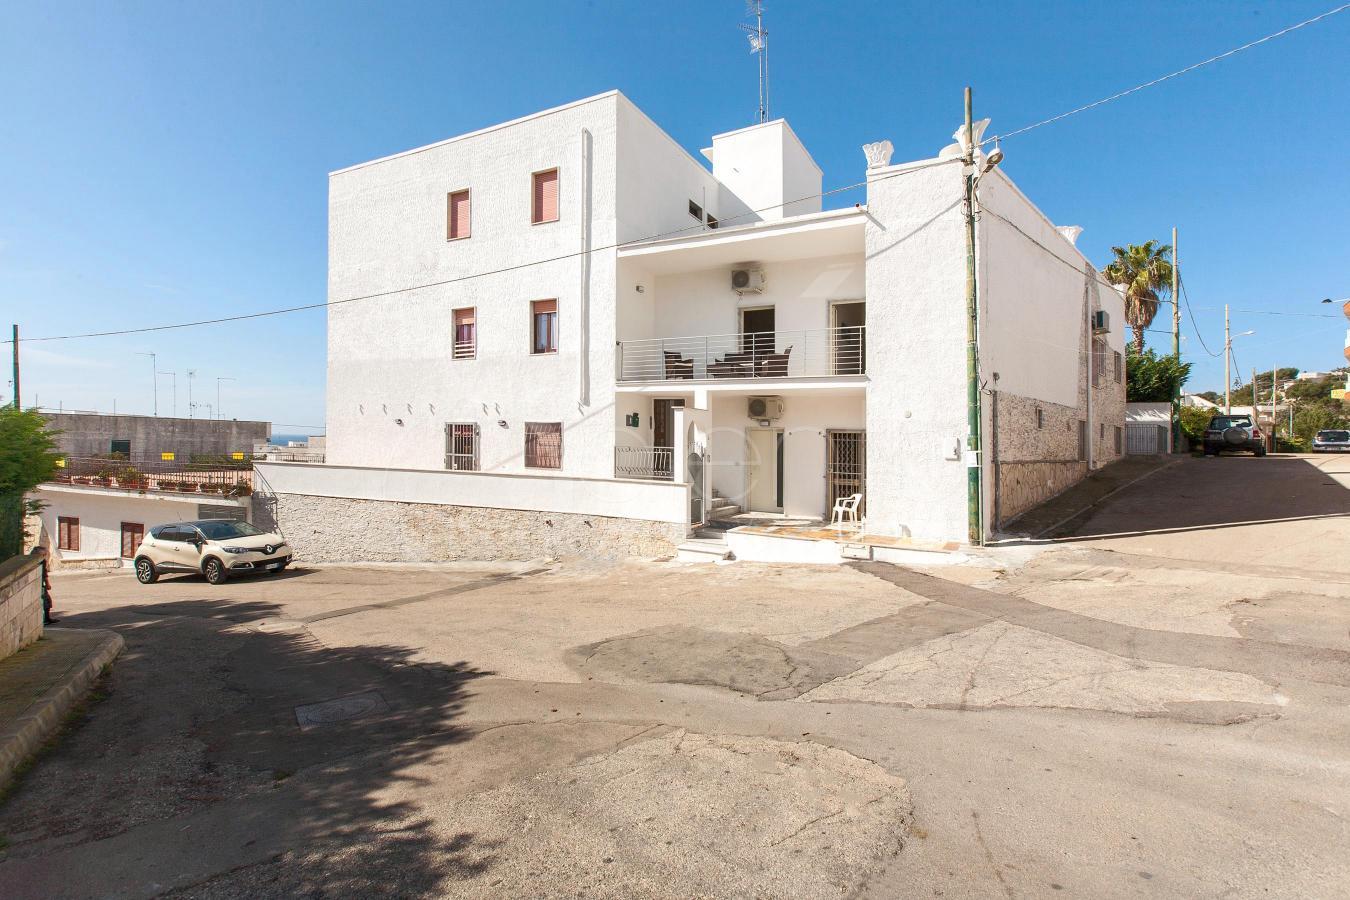 case vacanze - Santa Maria al Bagno ( Gallipoli ) - Case delle Conchiglie 3